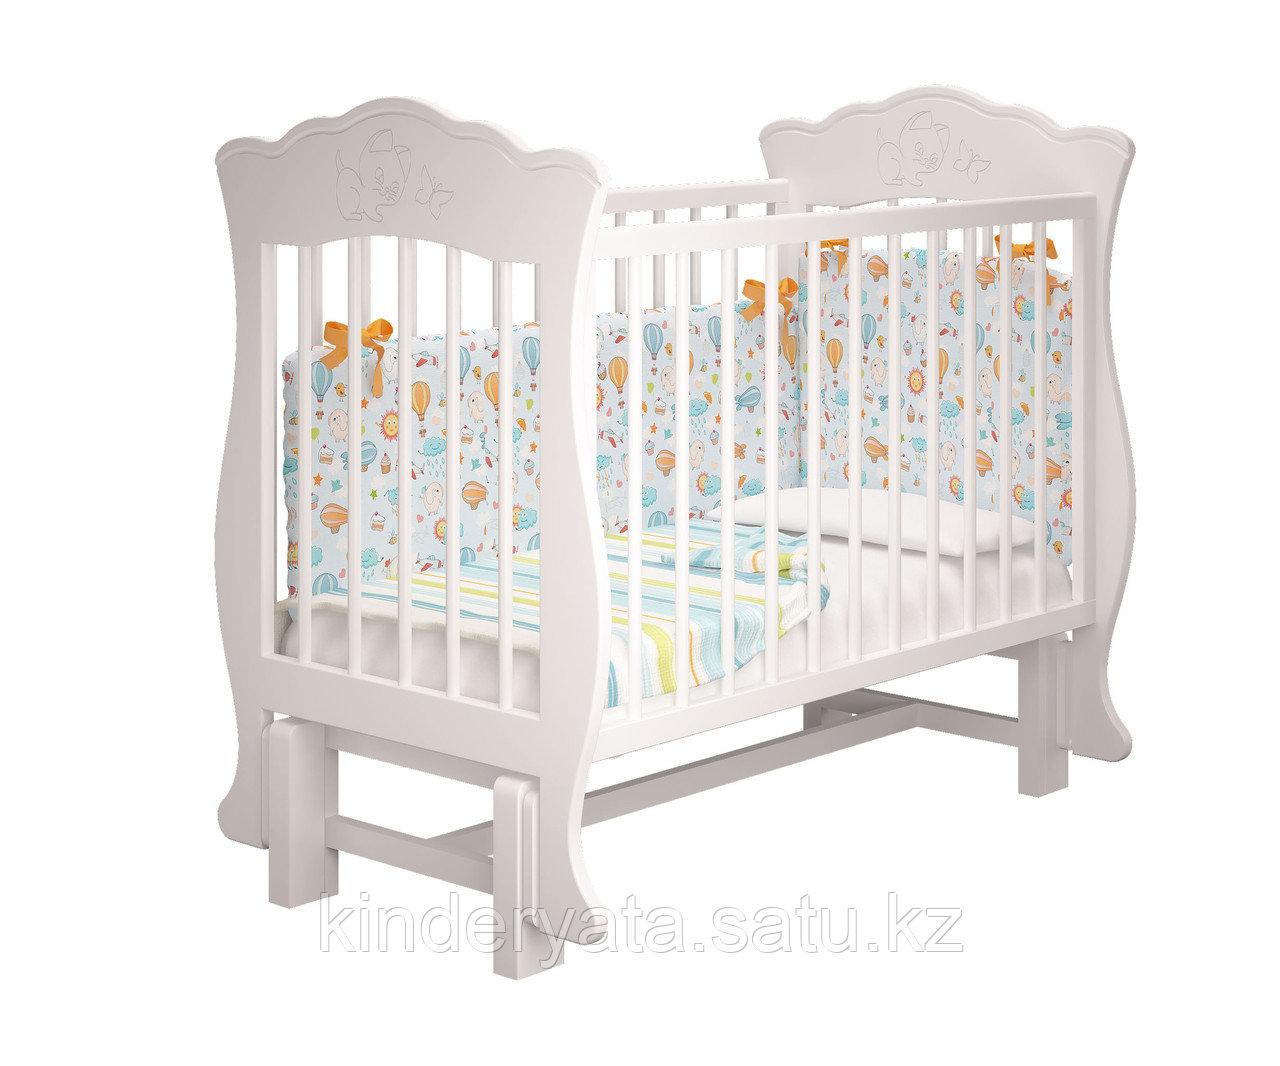 Детская кроватка Елена 2 без ящика (белая,слоновая кость)